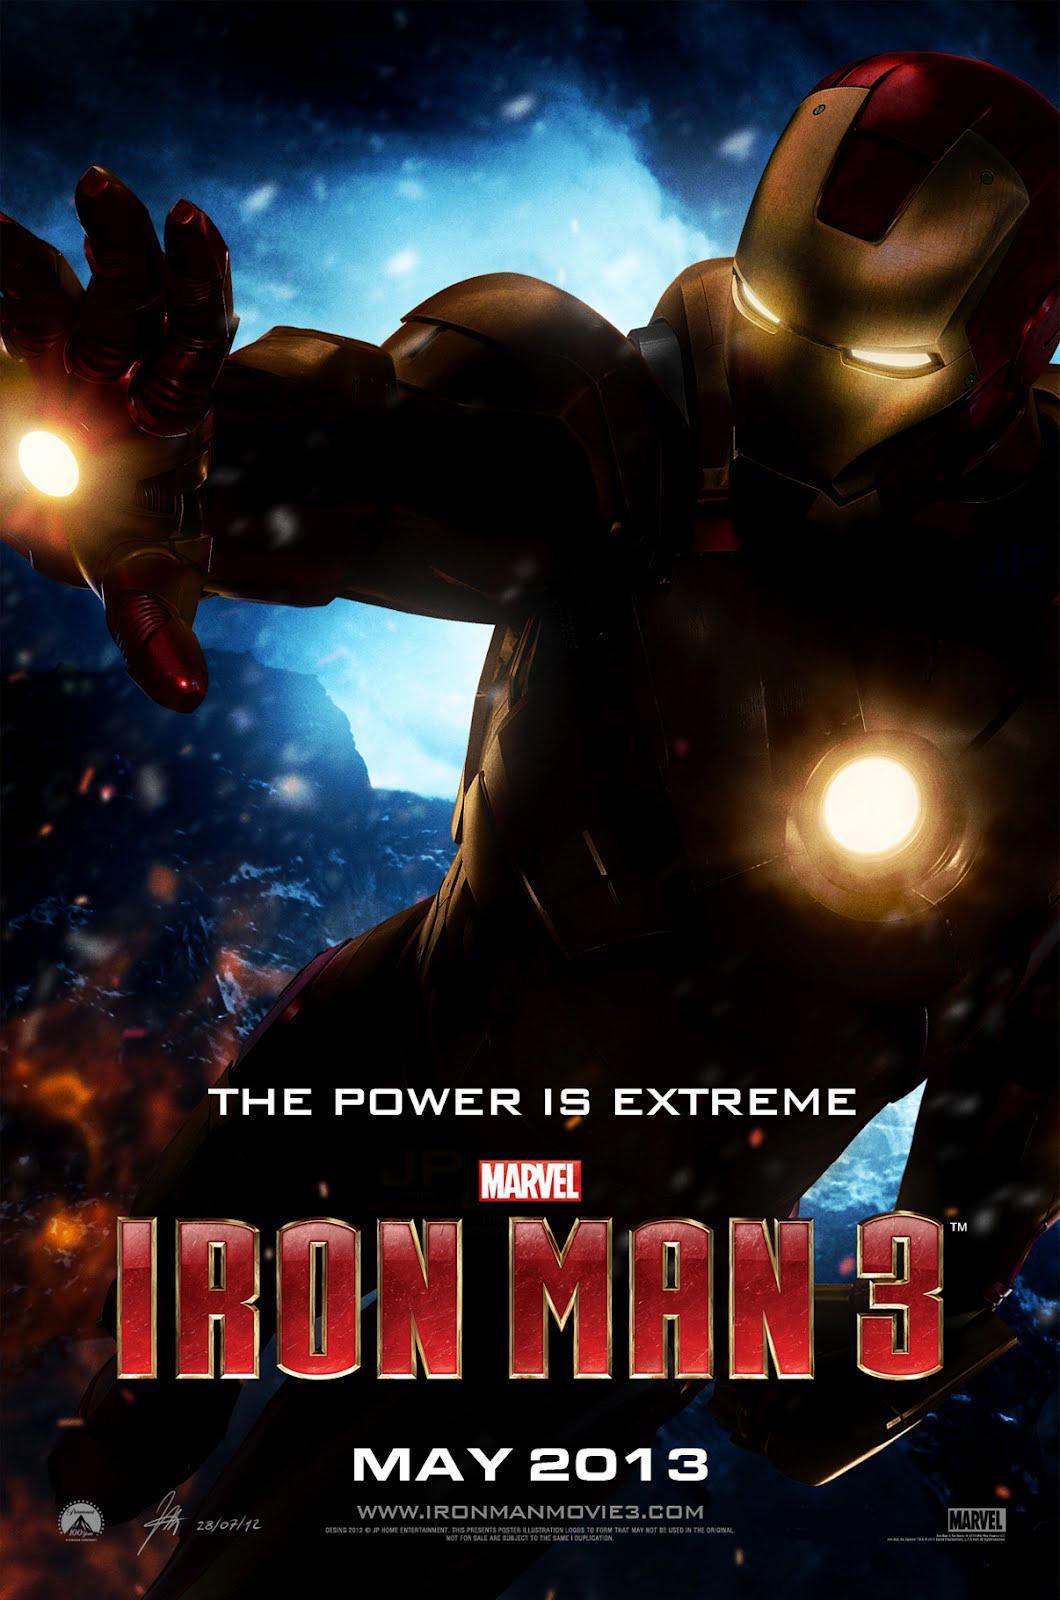 http://1.bp.blogspot.com/-4g5iXfJqg_A/UIdtCvHv7uI/AAAAAAAAOso/u1VqpNIxNS4/s1600/Iron-man-3+poster.jpg